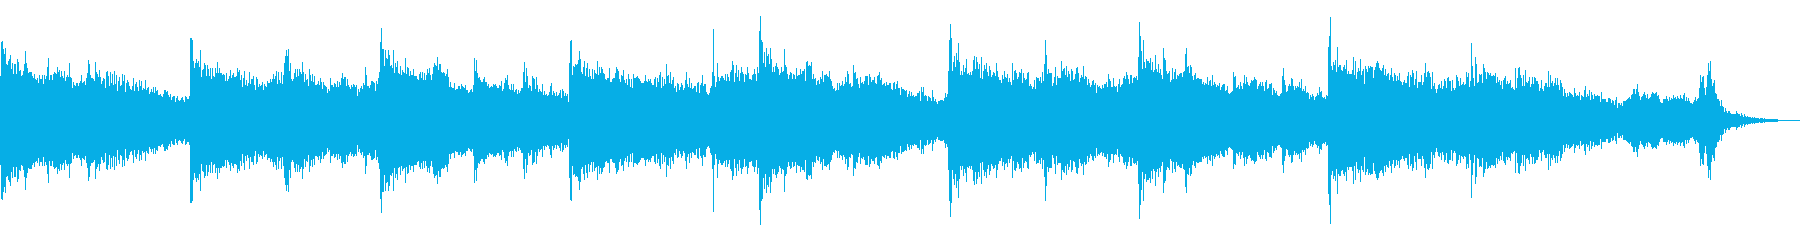 日本神話的な神秘的な和風曲ショートverの再生済みの波形